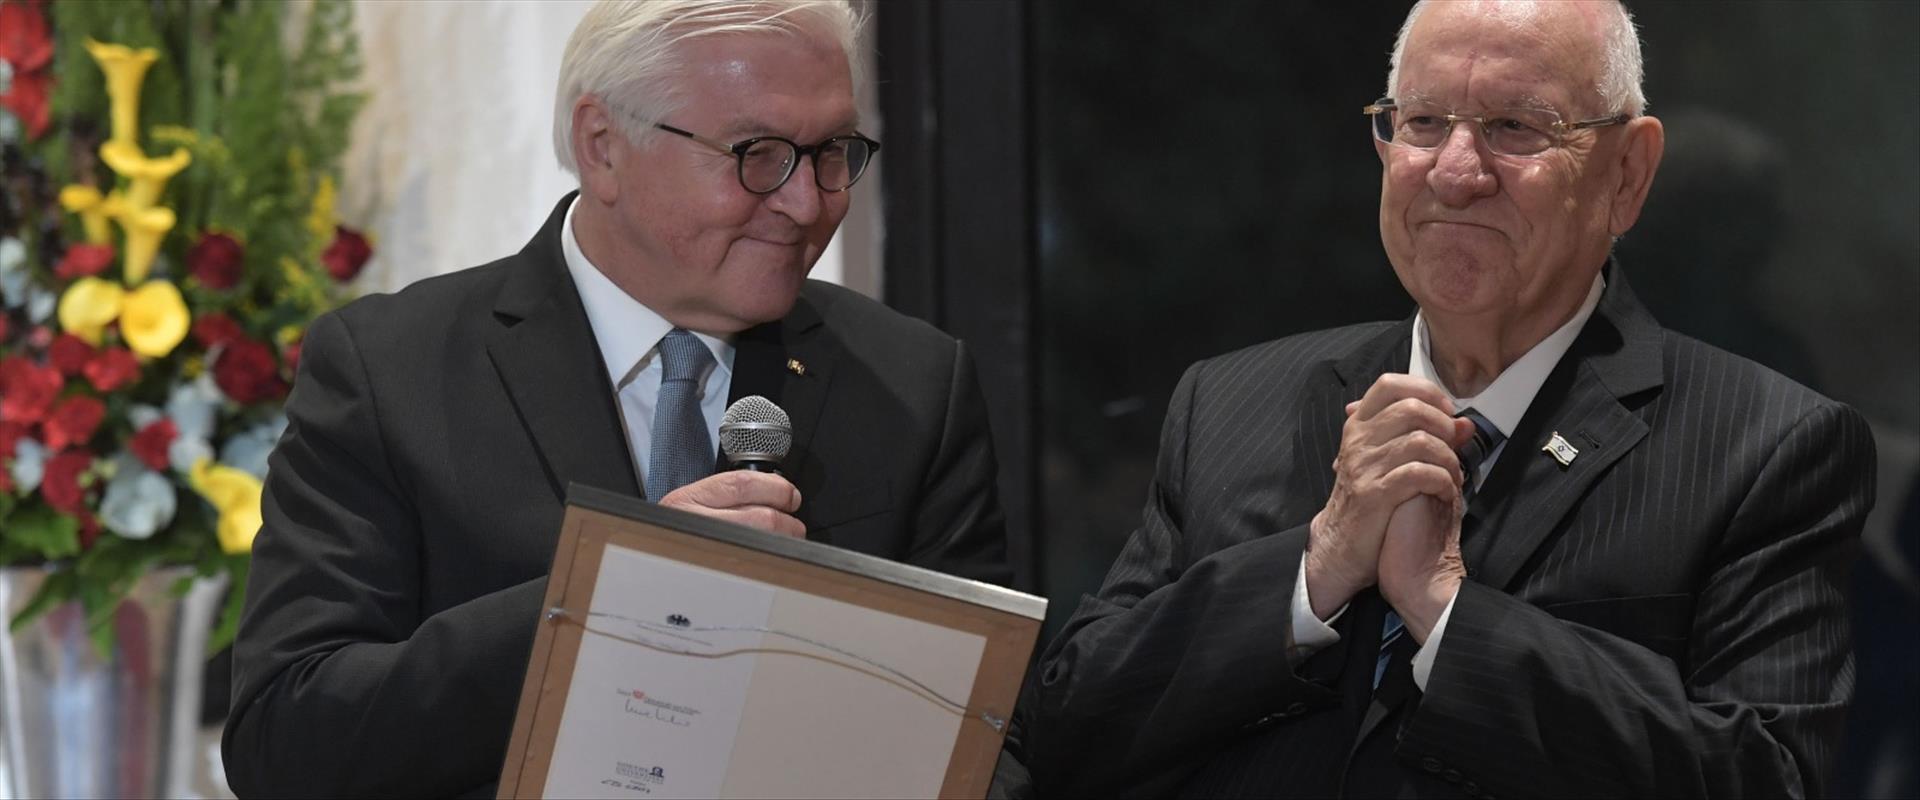 נשיא גרמניה עם הנשיא ריבלין